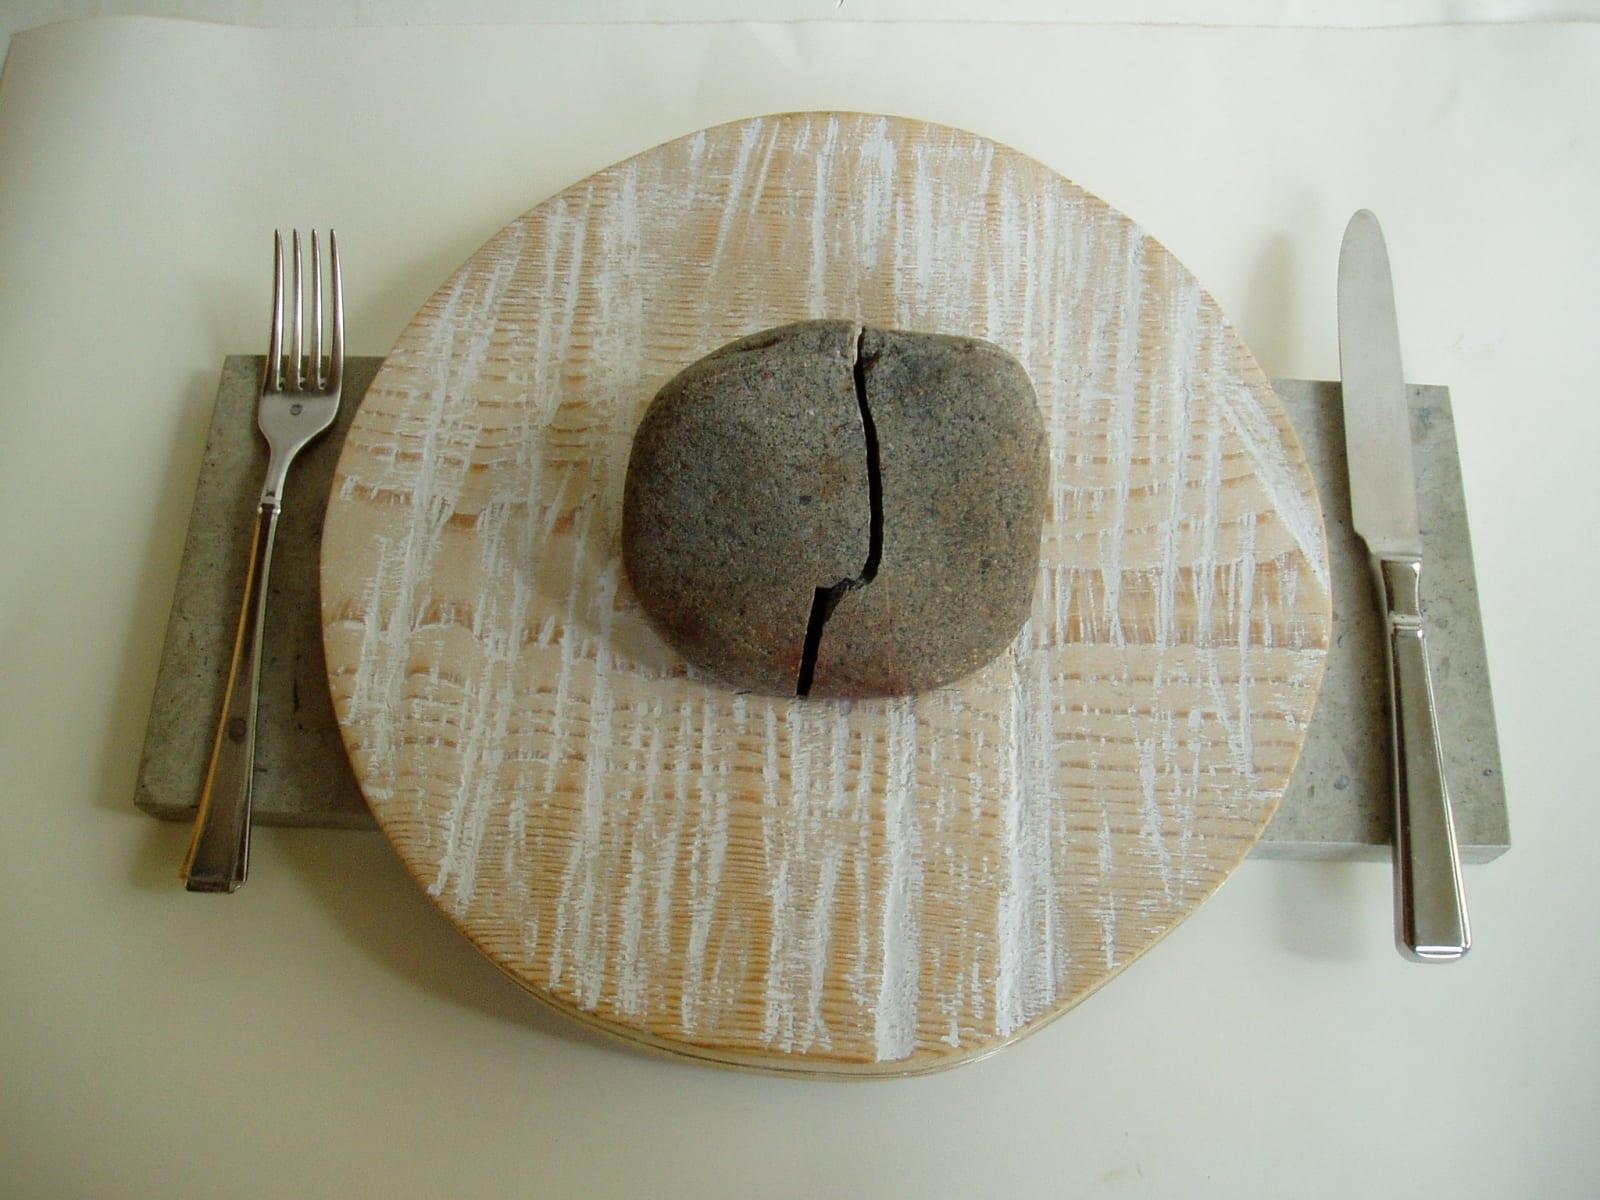 """""""EINE-I"""" 2001 puu, kivi, metall<br/> """"MEAL-I"""" 2001 wood, stone, metal"""